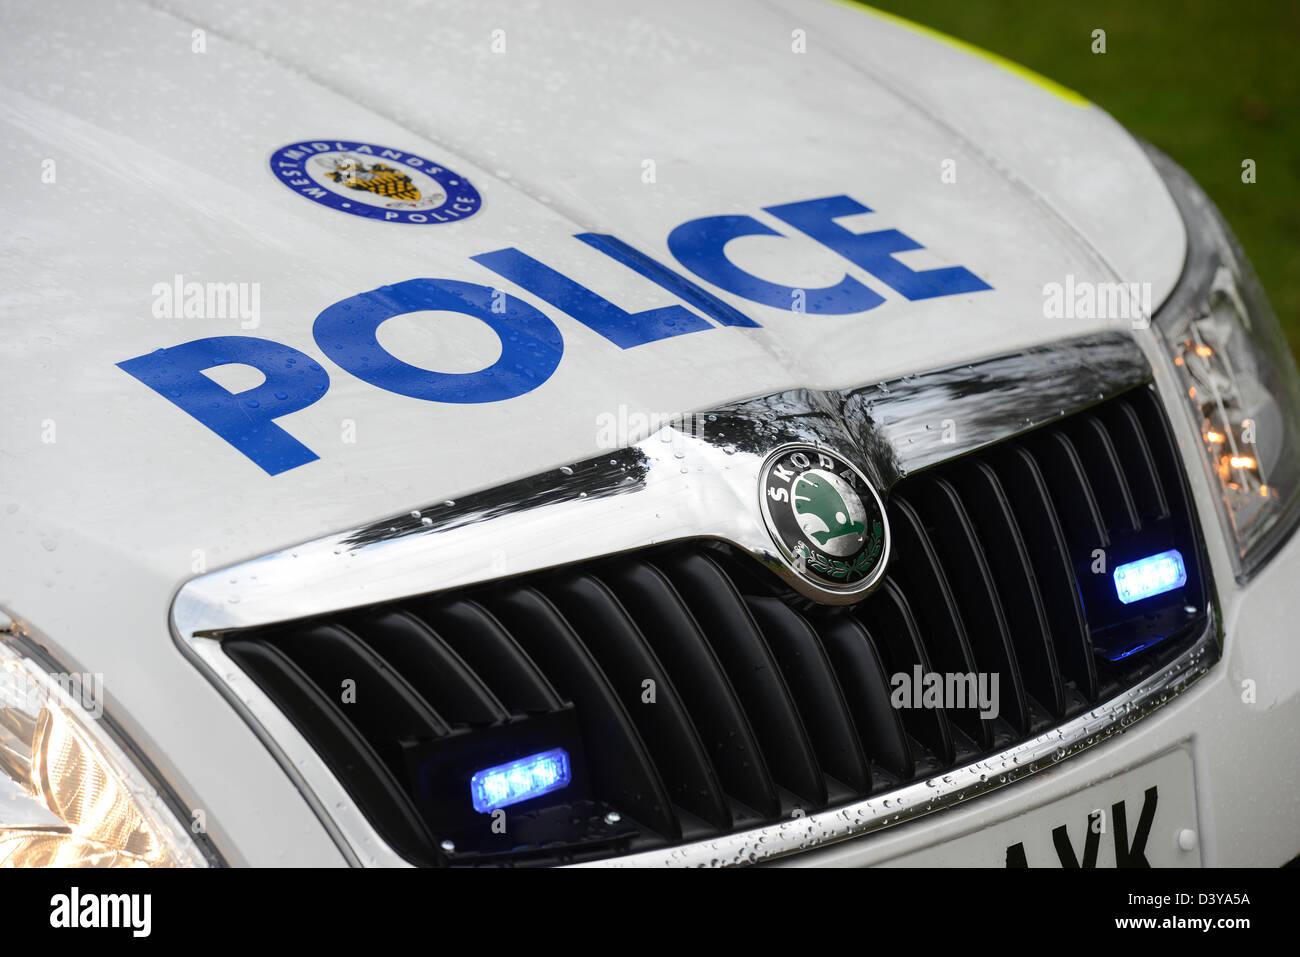 Skoda police car uk. - Stock Image